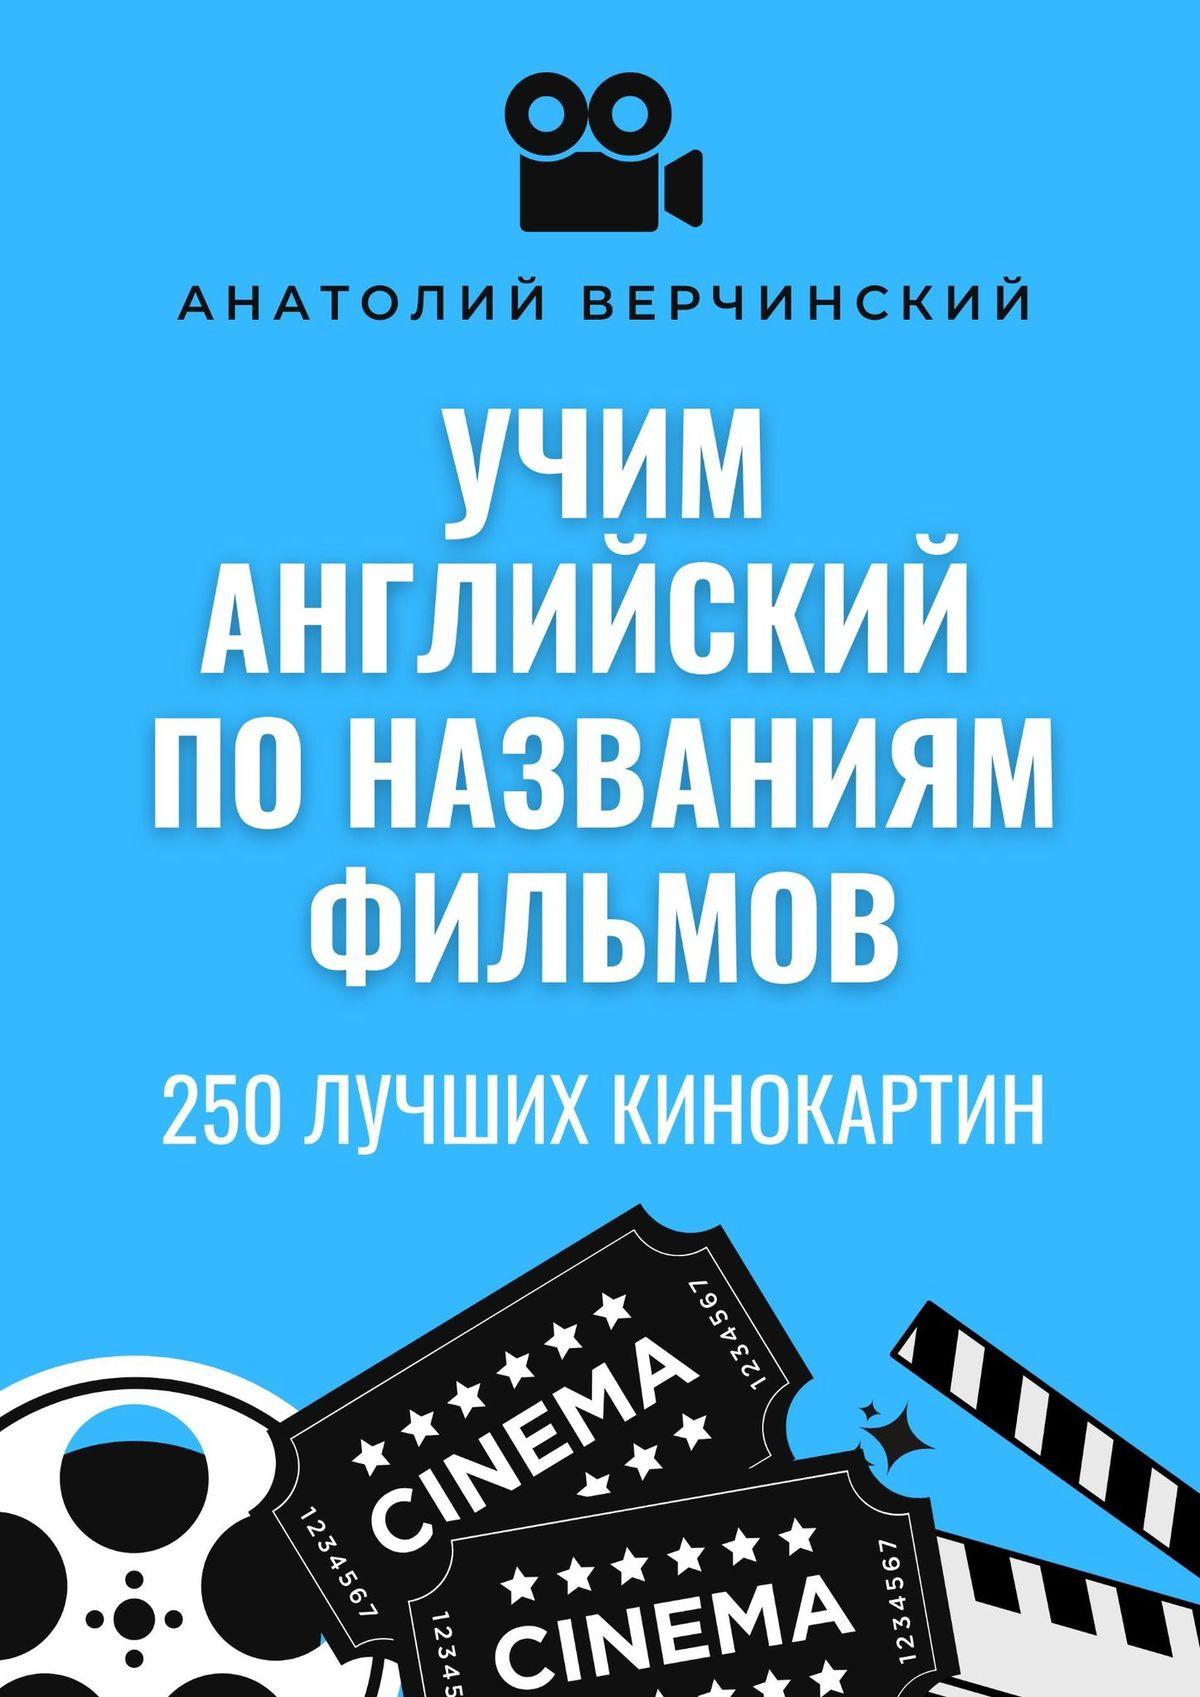 Анатолий Верчинский Учим английский спомощью названий фильмов. Самоучитель анатолий верчинский моя война с